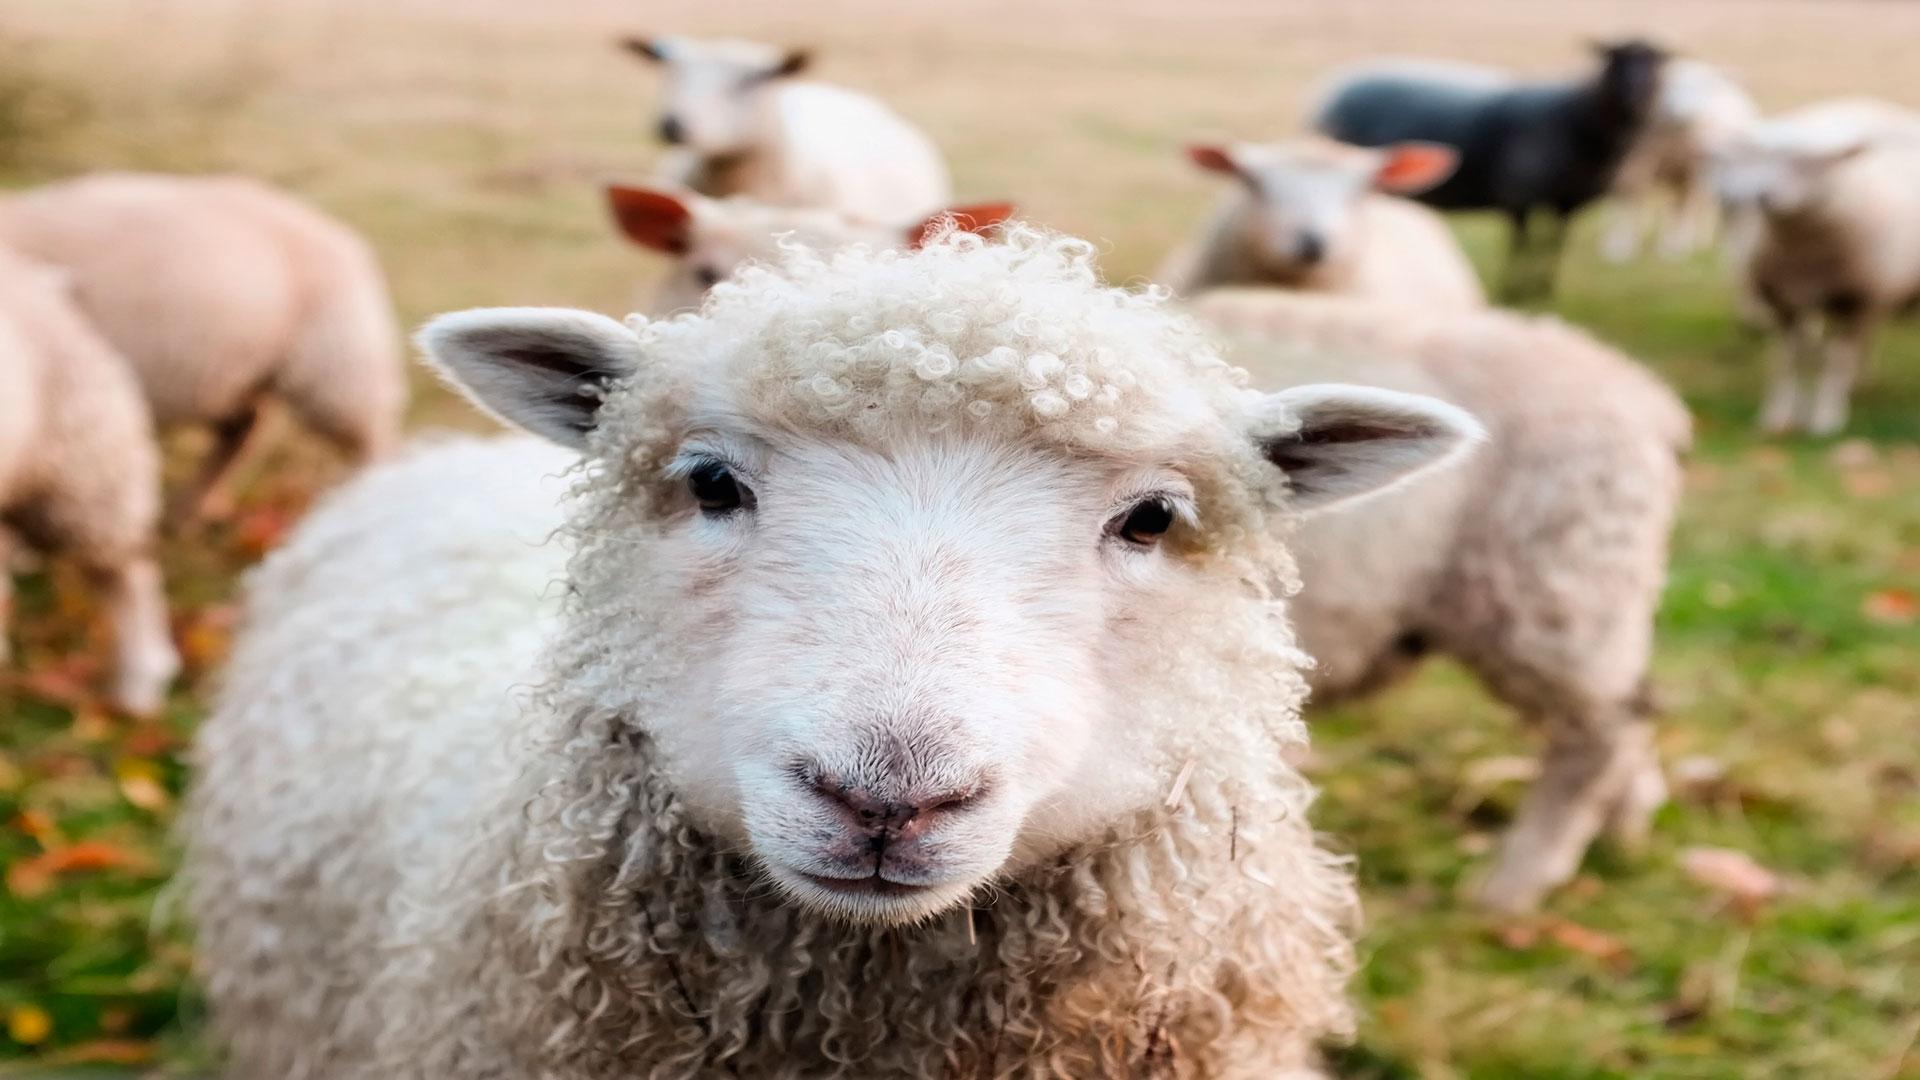 Publicada-la-orden-por-la-que-se-regulan-las-compensaciones-por-el-sacrificio-de-animales-1920